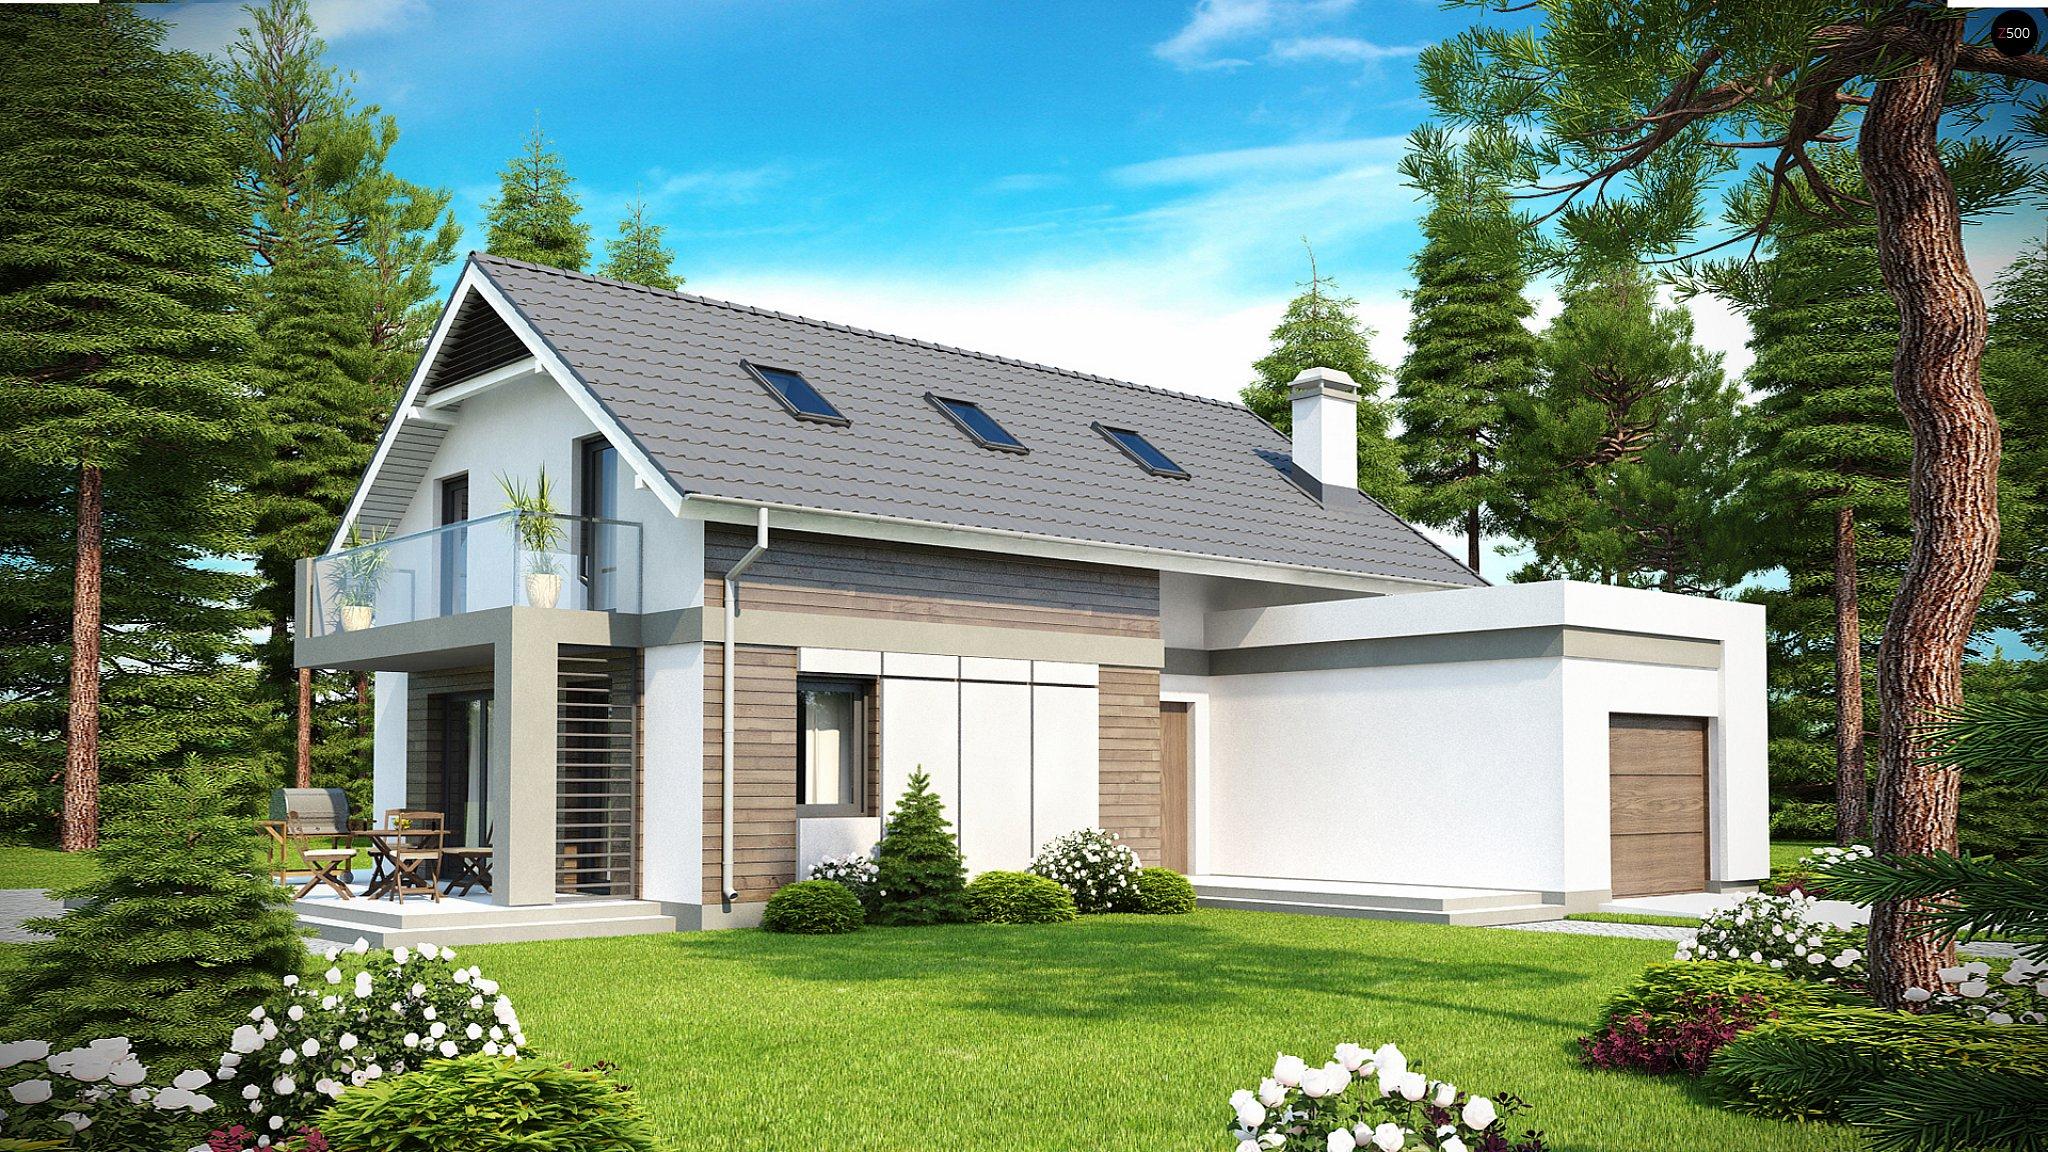 План одноэтажного дома: примеры функциональных планировок.